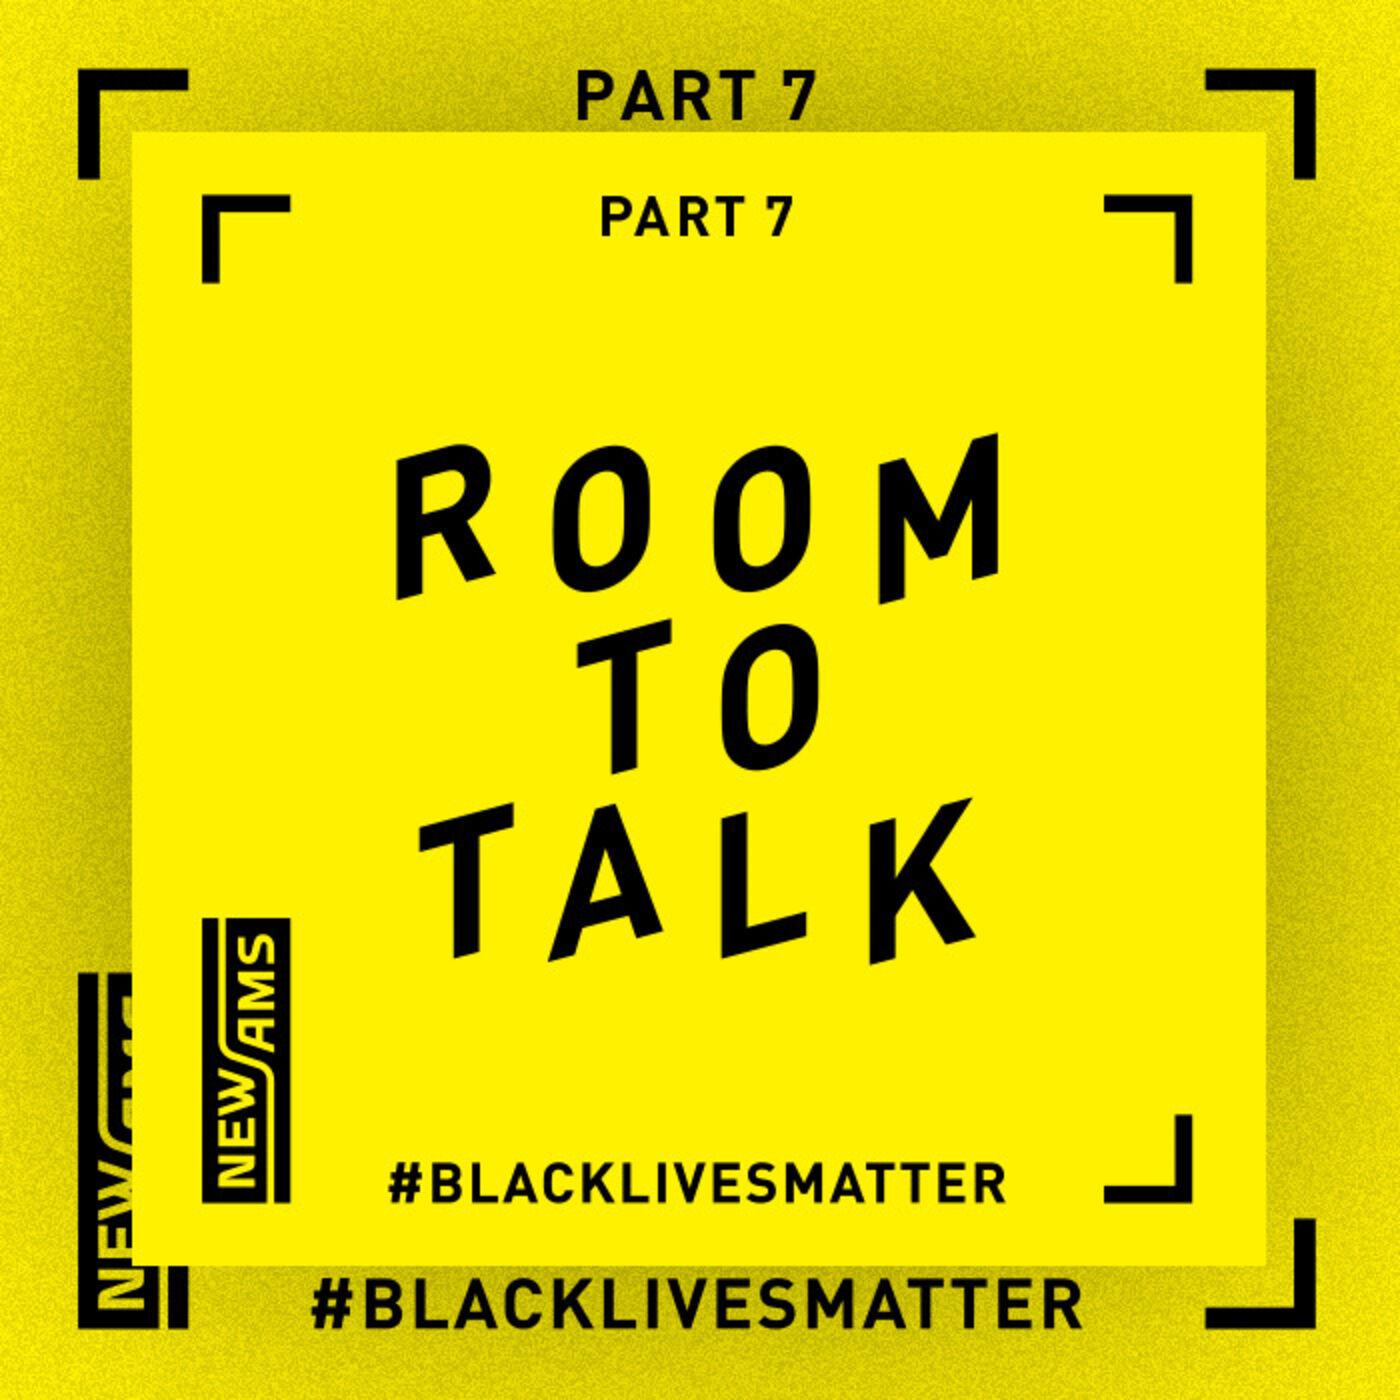 Room to Talk: Black Lives Matter Part 7